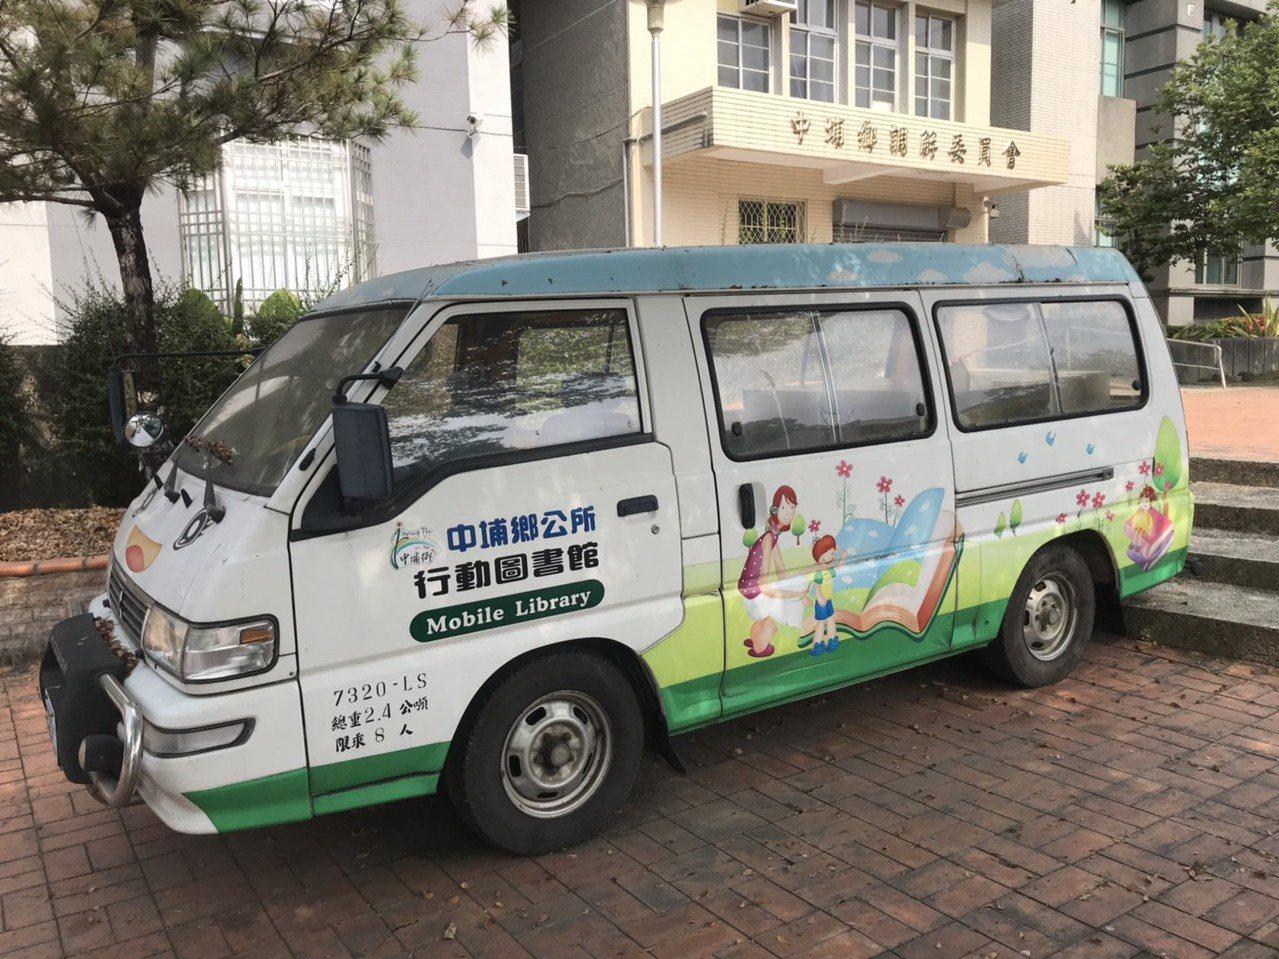 中埔鄉立圖書館以幼兒園娃娃車改裝為行動書車,每月將書載往偏遠地區盼推廣閱讀。記者...